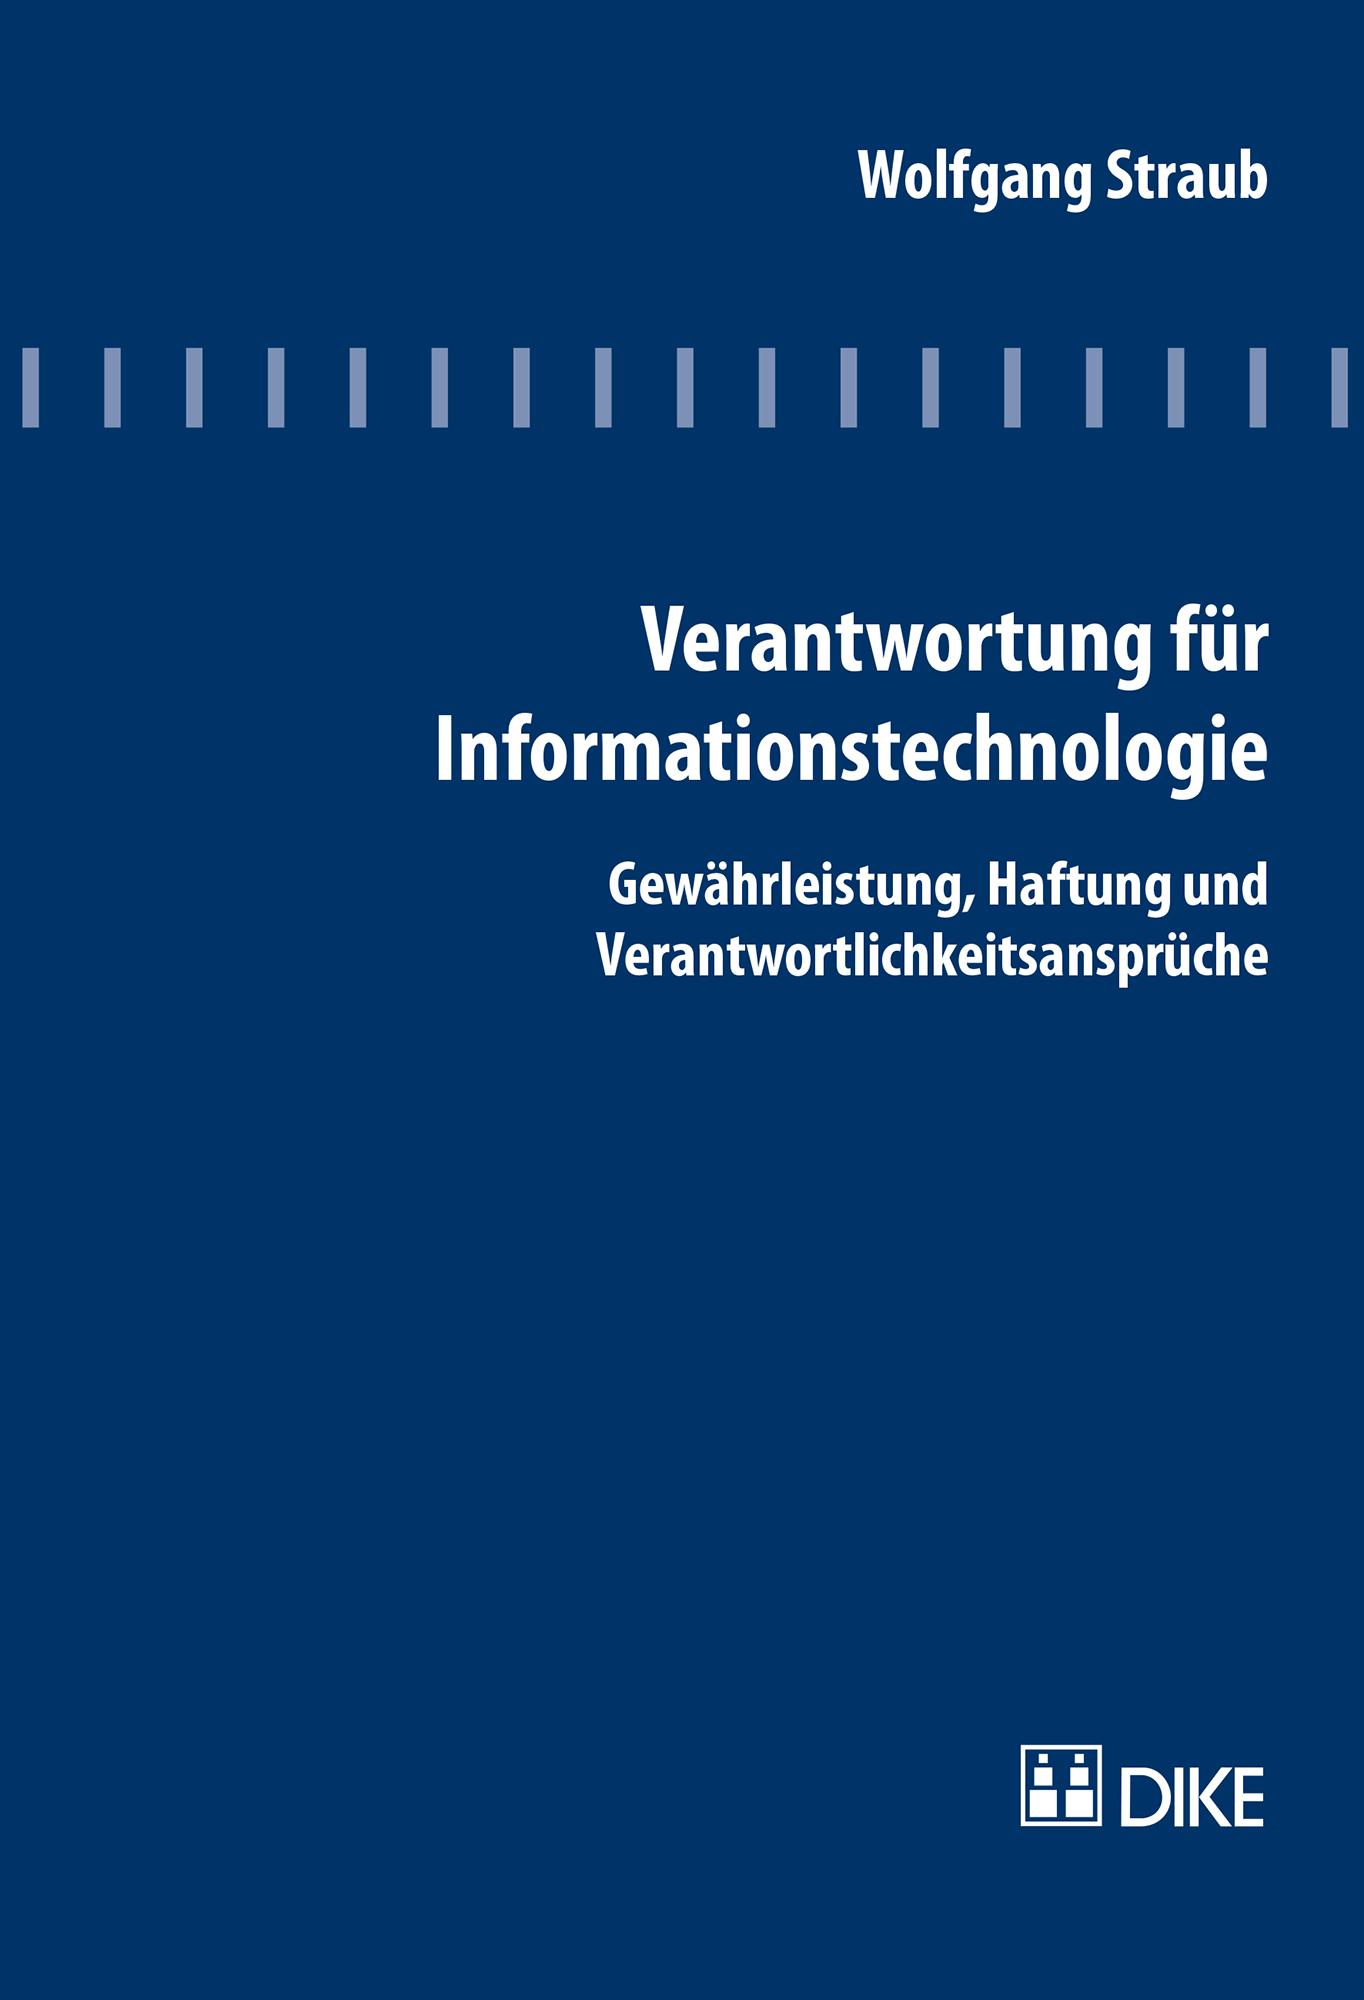 Verantwortung für Informationstechnologie